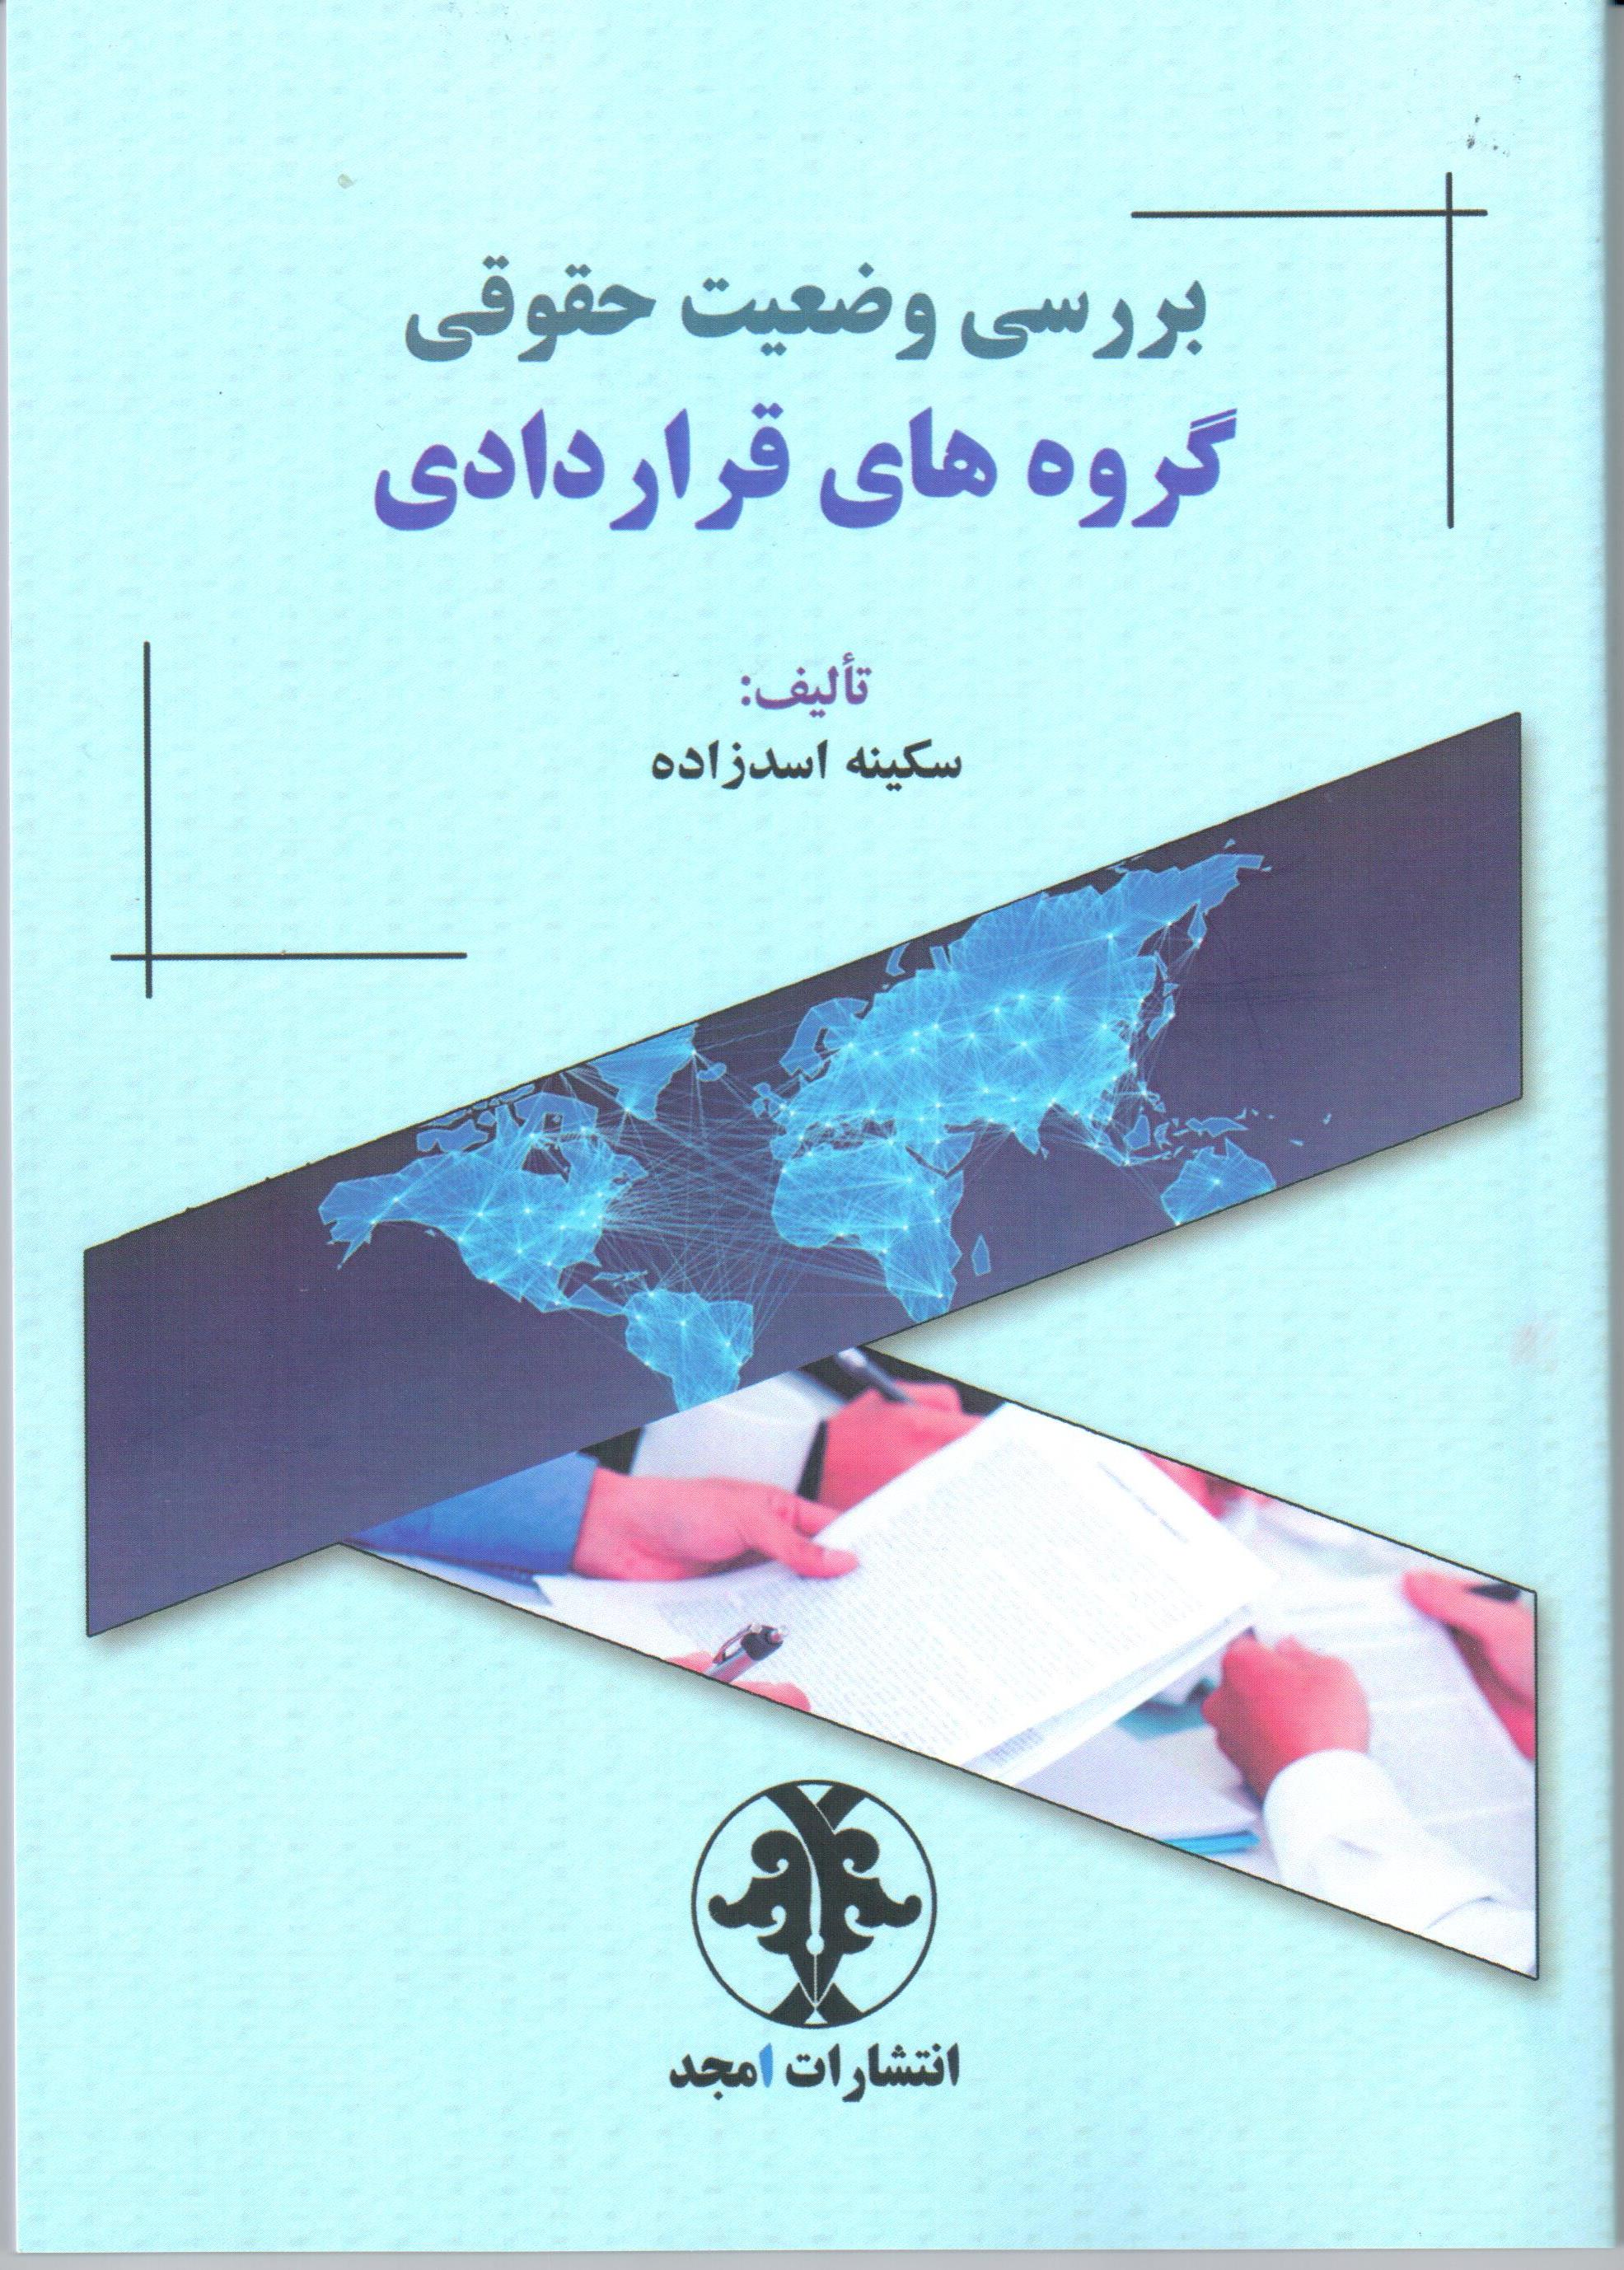 بررسی وضعیت حقوقی گروه های قراردادی- سکینه اسد زاده - روی جلد